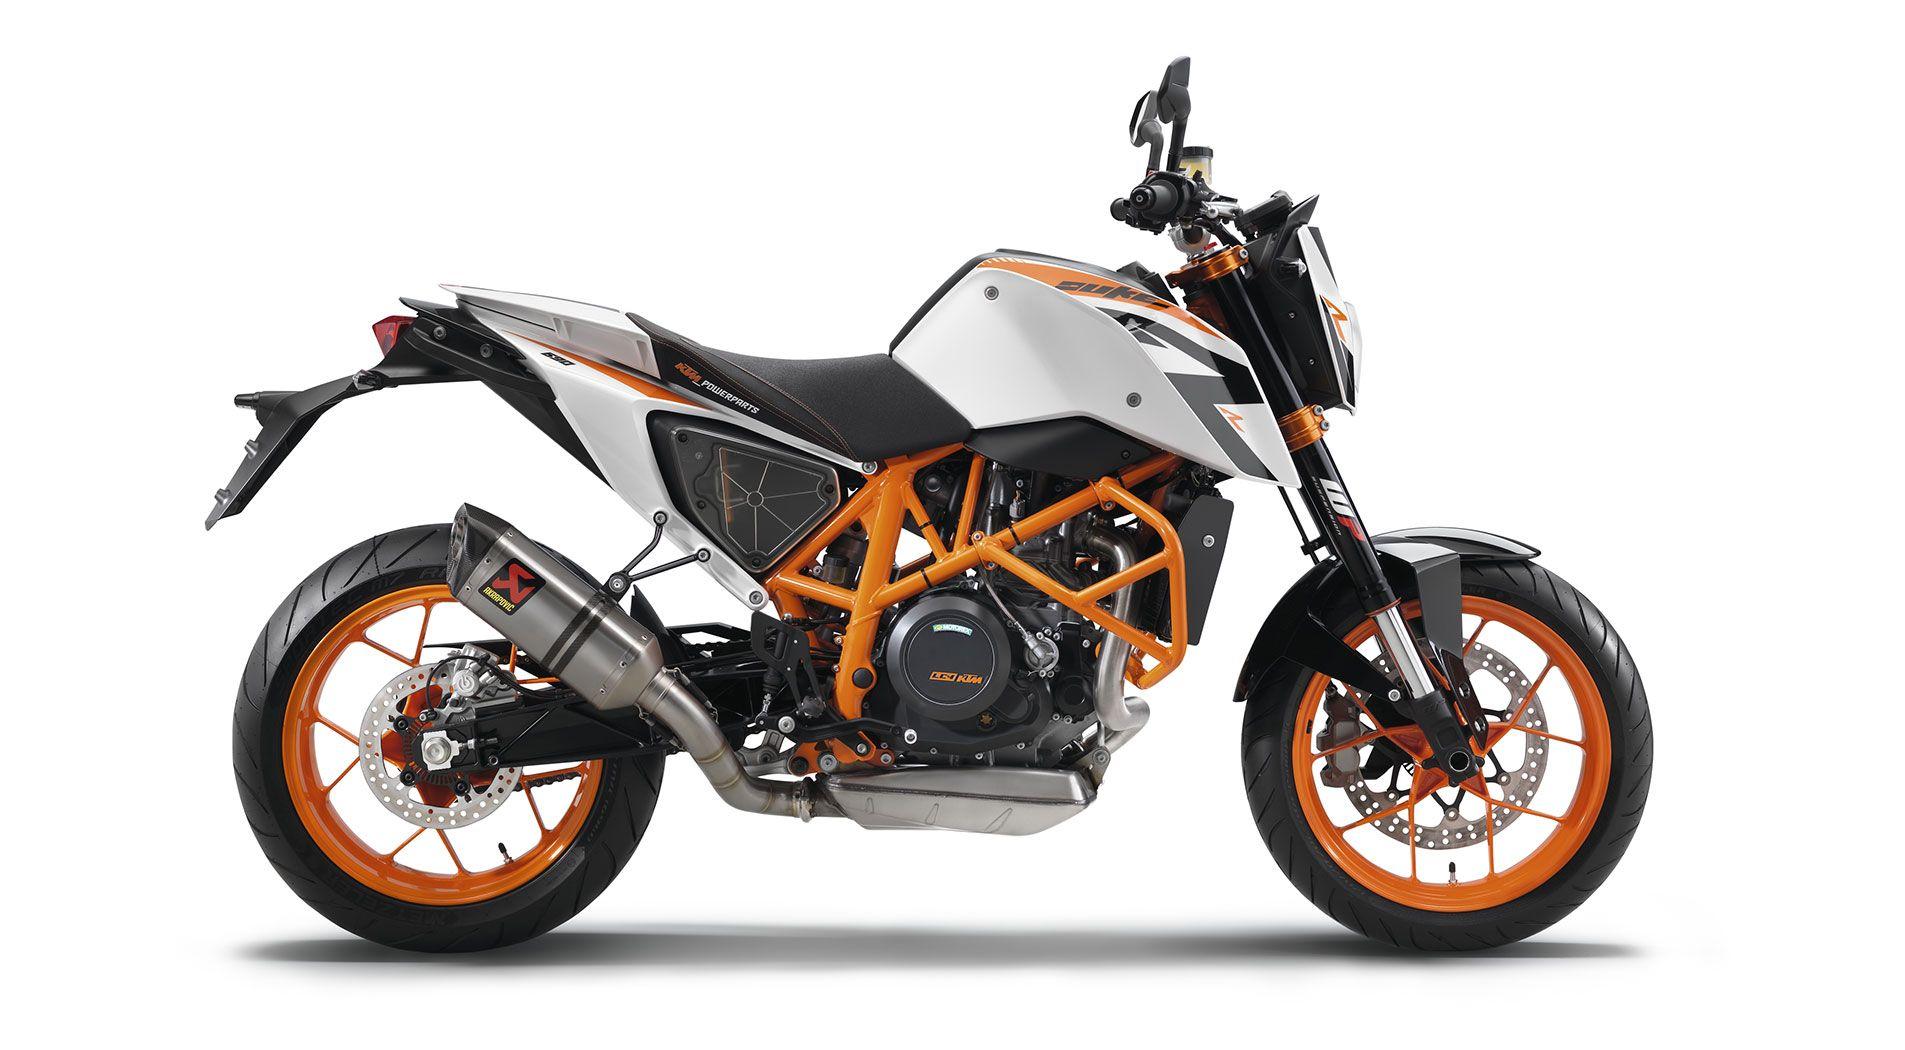 KTM 690 Duke R ABS 2015 Ktm 690, Ktm duke, Duke motorcycle